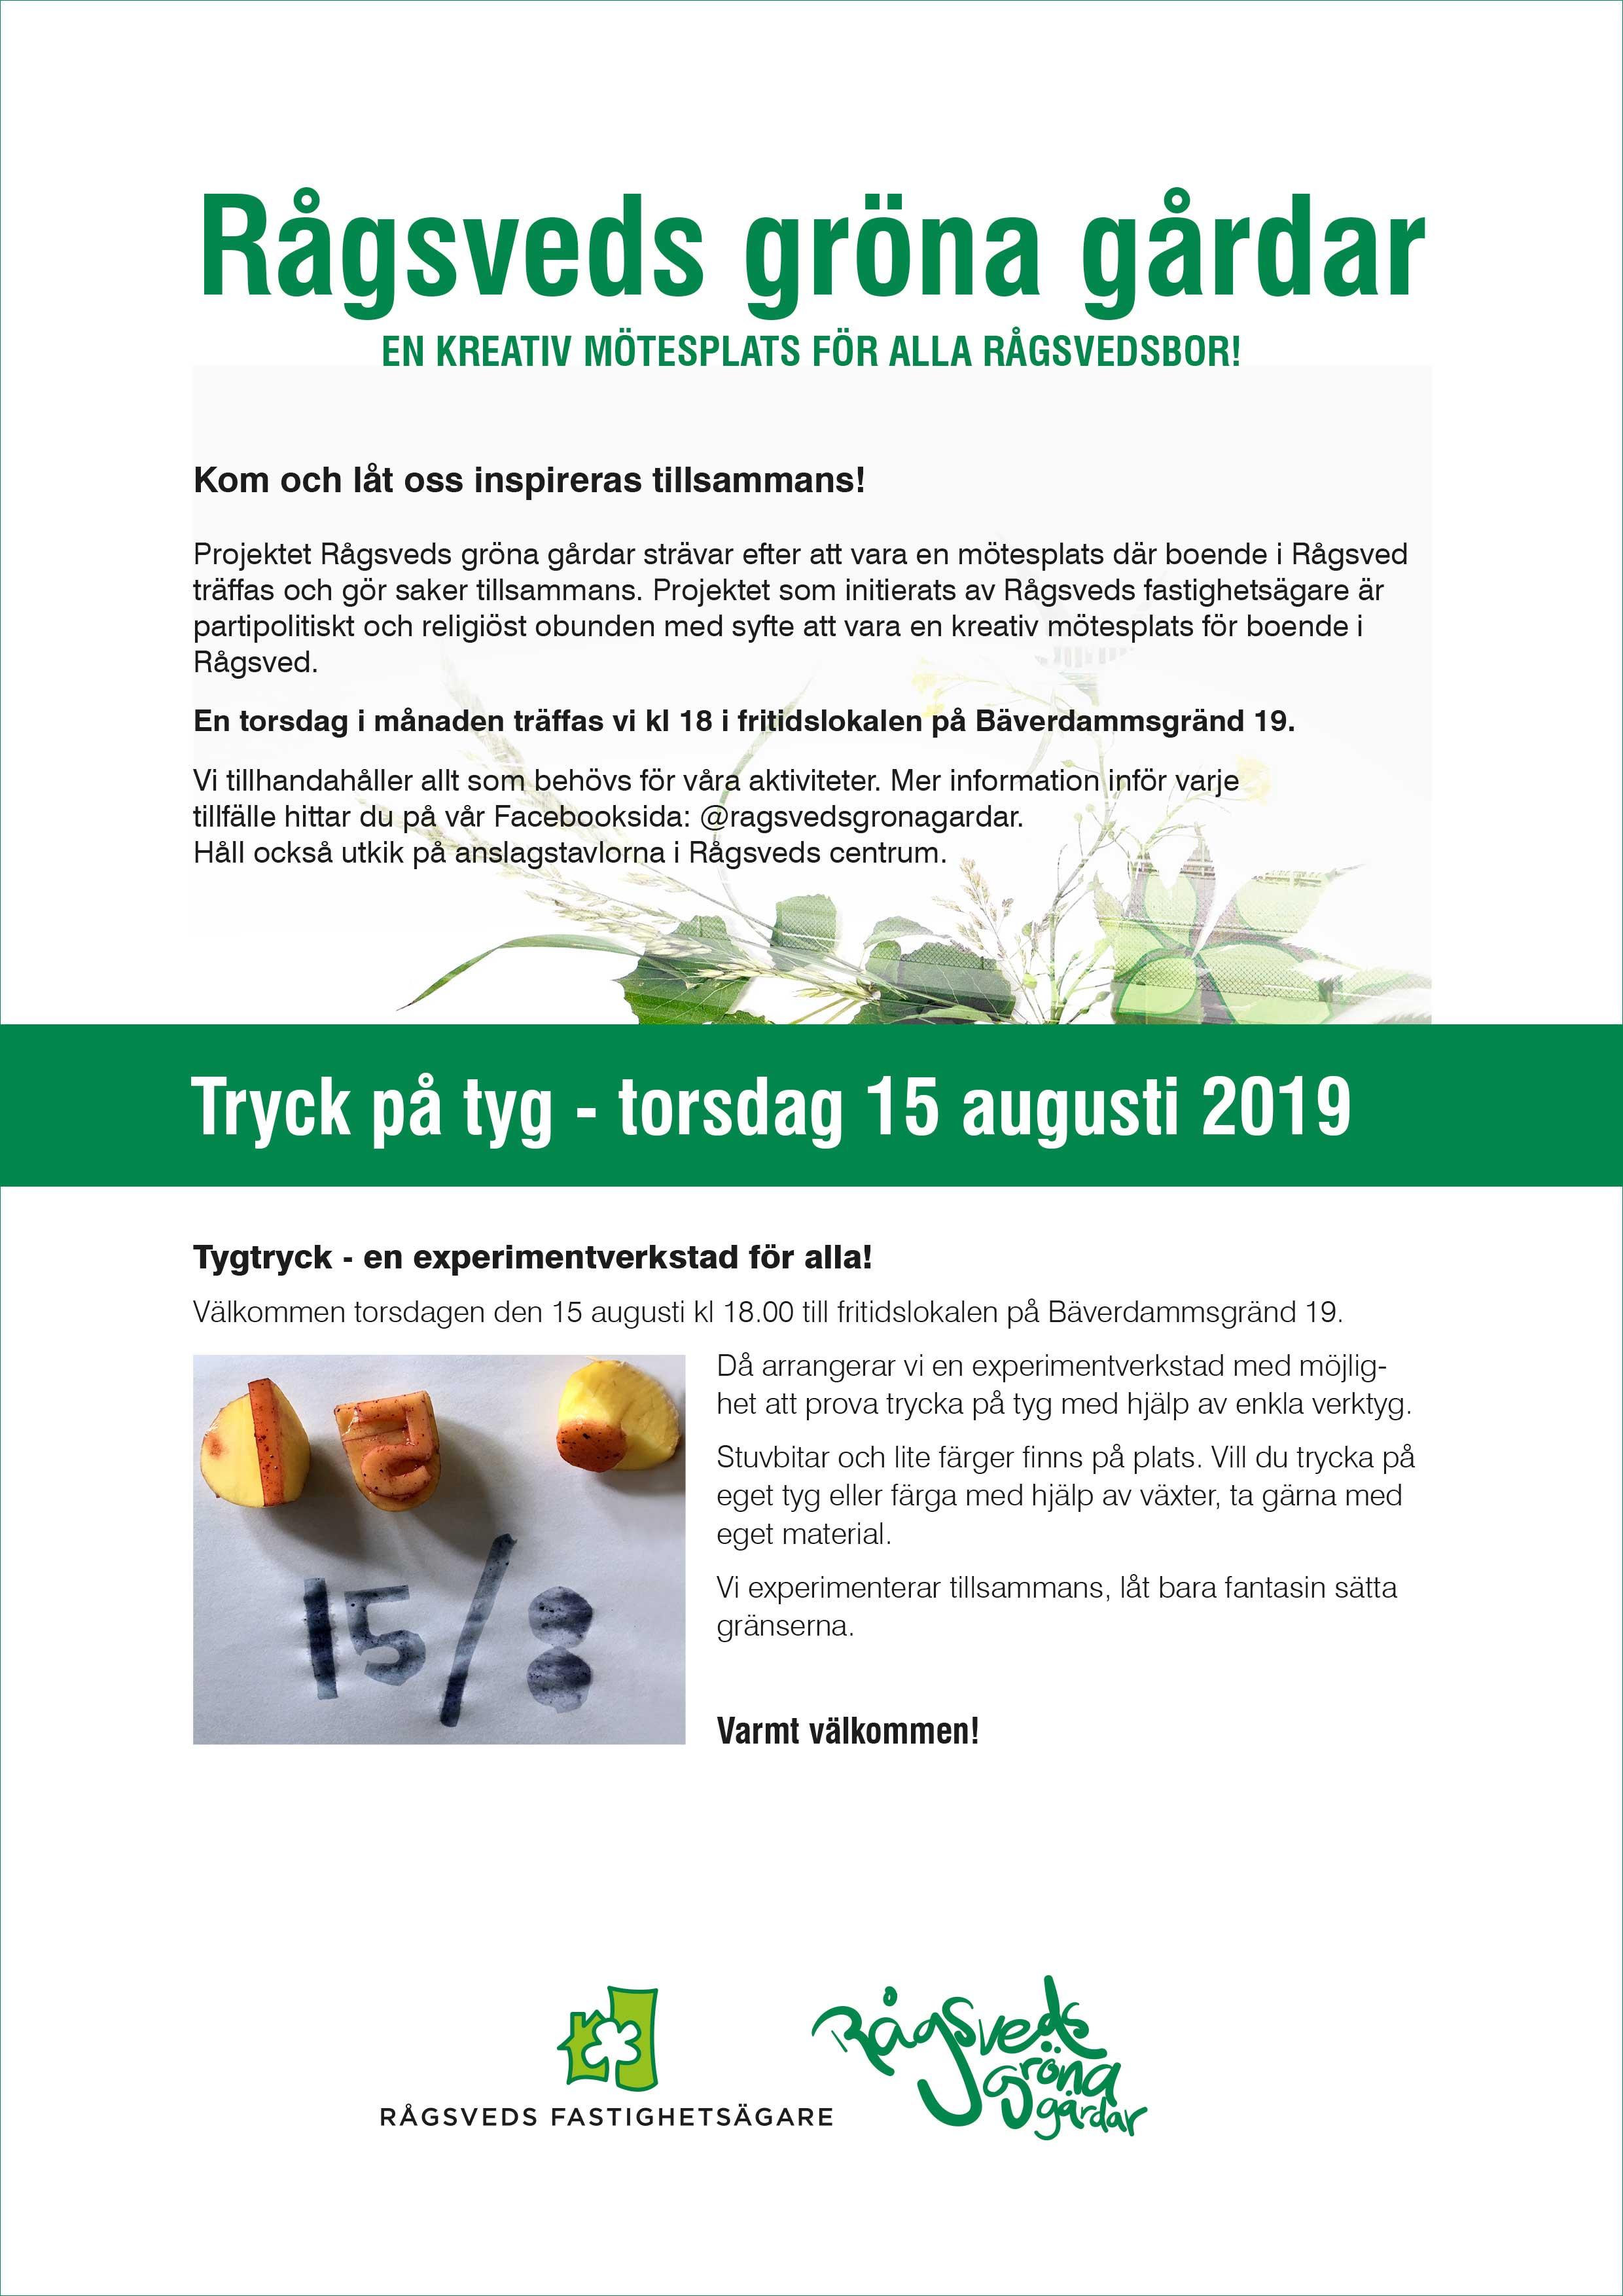 Rågsveds Gröna Gårdar: Tryck på tyg 15 augusti 2019